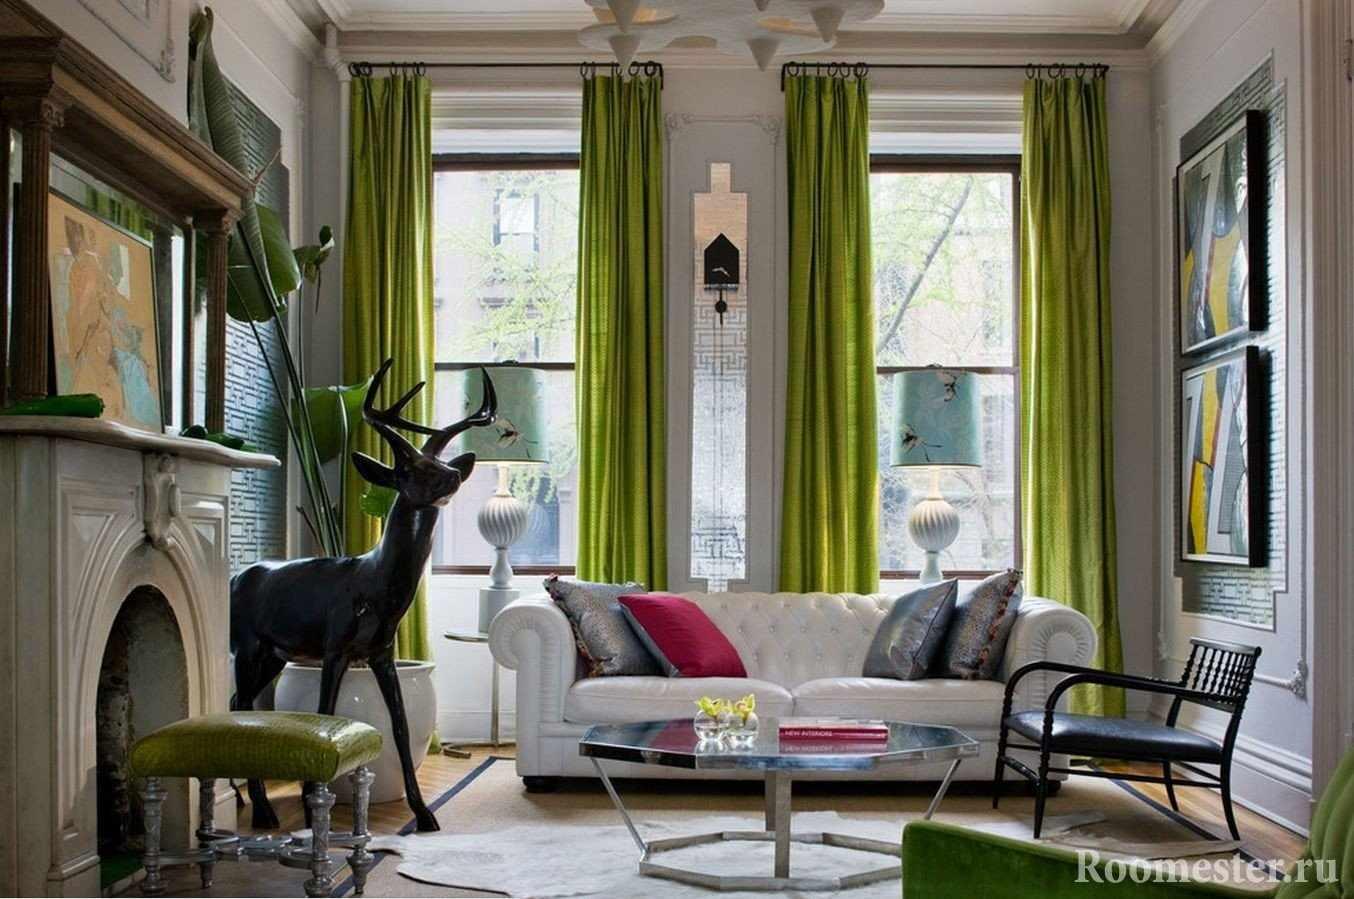 Вертикальные окна в комнате с высокими потолками